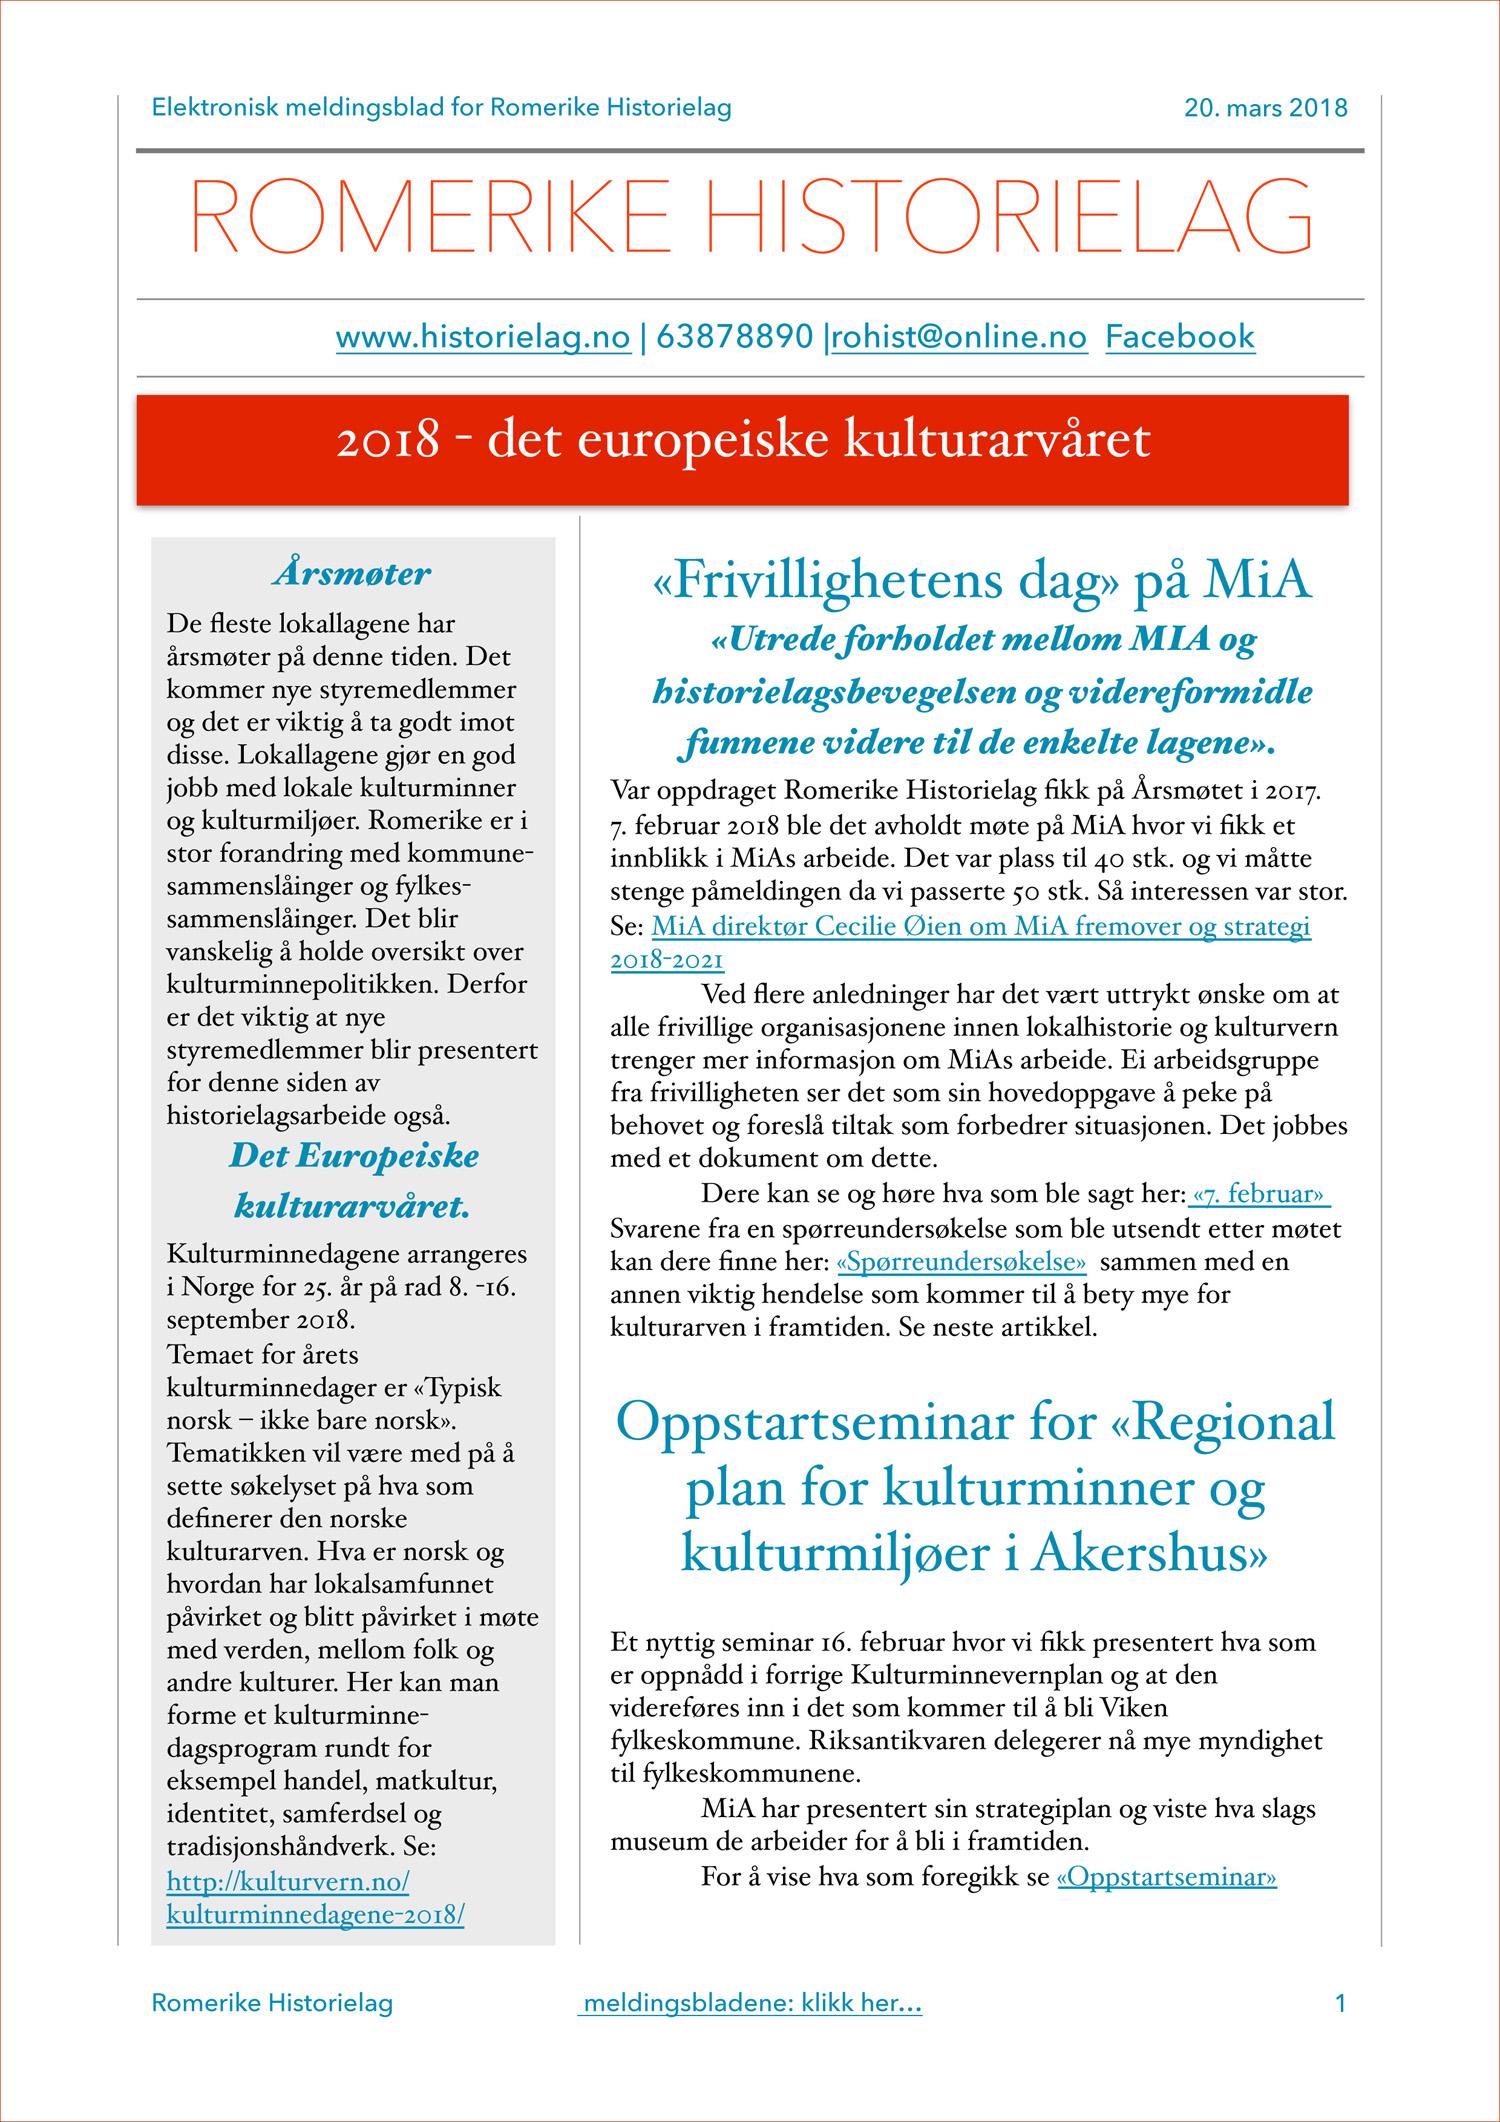 2018-03-meldingsblad.jpg